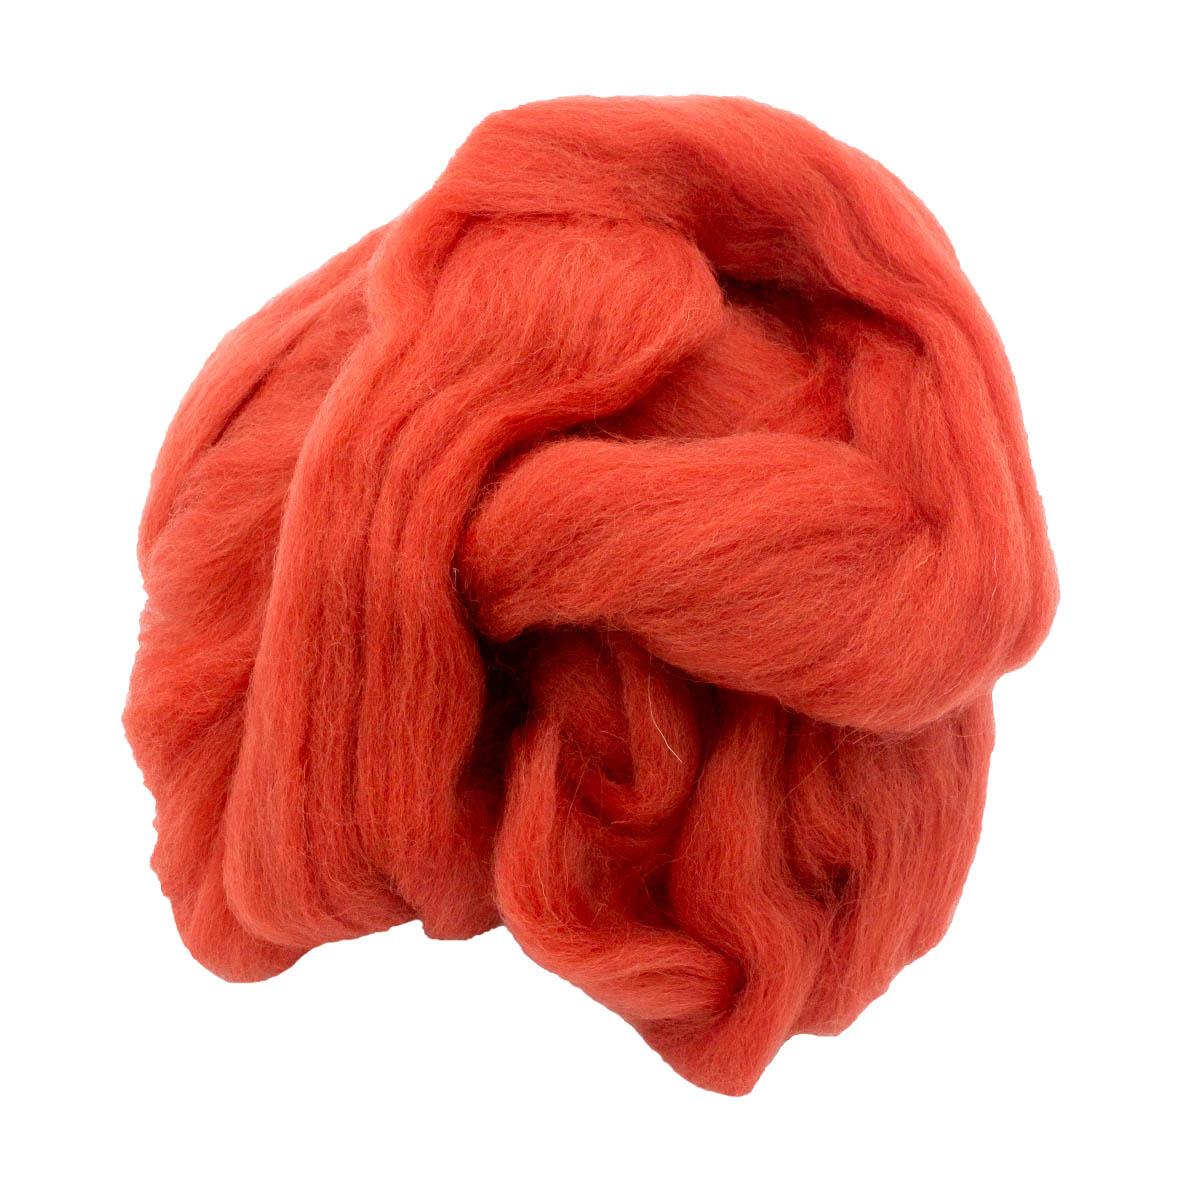 84311-2 ORCHIDEA Шерсть для валяния, цвет брусничный, 50 г